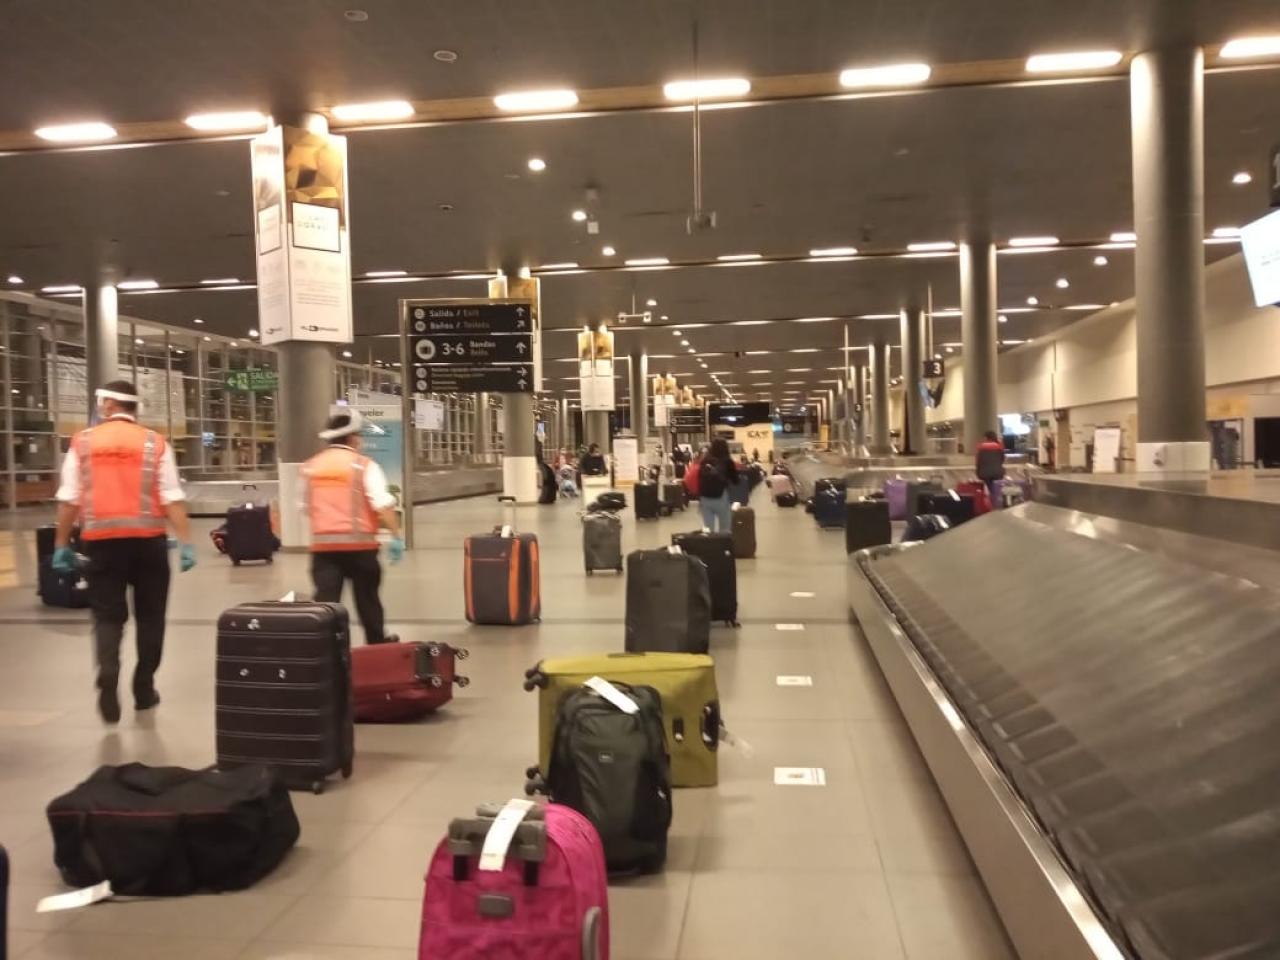 Un vuelo 'humanitario' a Colombia que de 'humanitario' sólo tiene el nombre